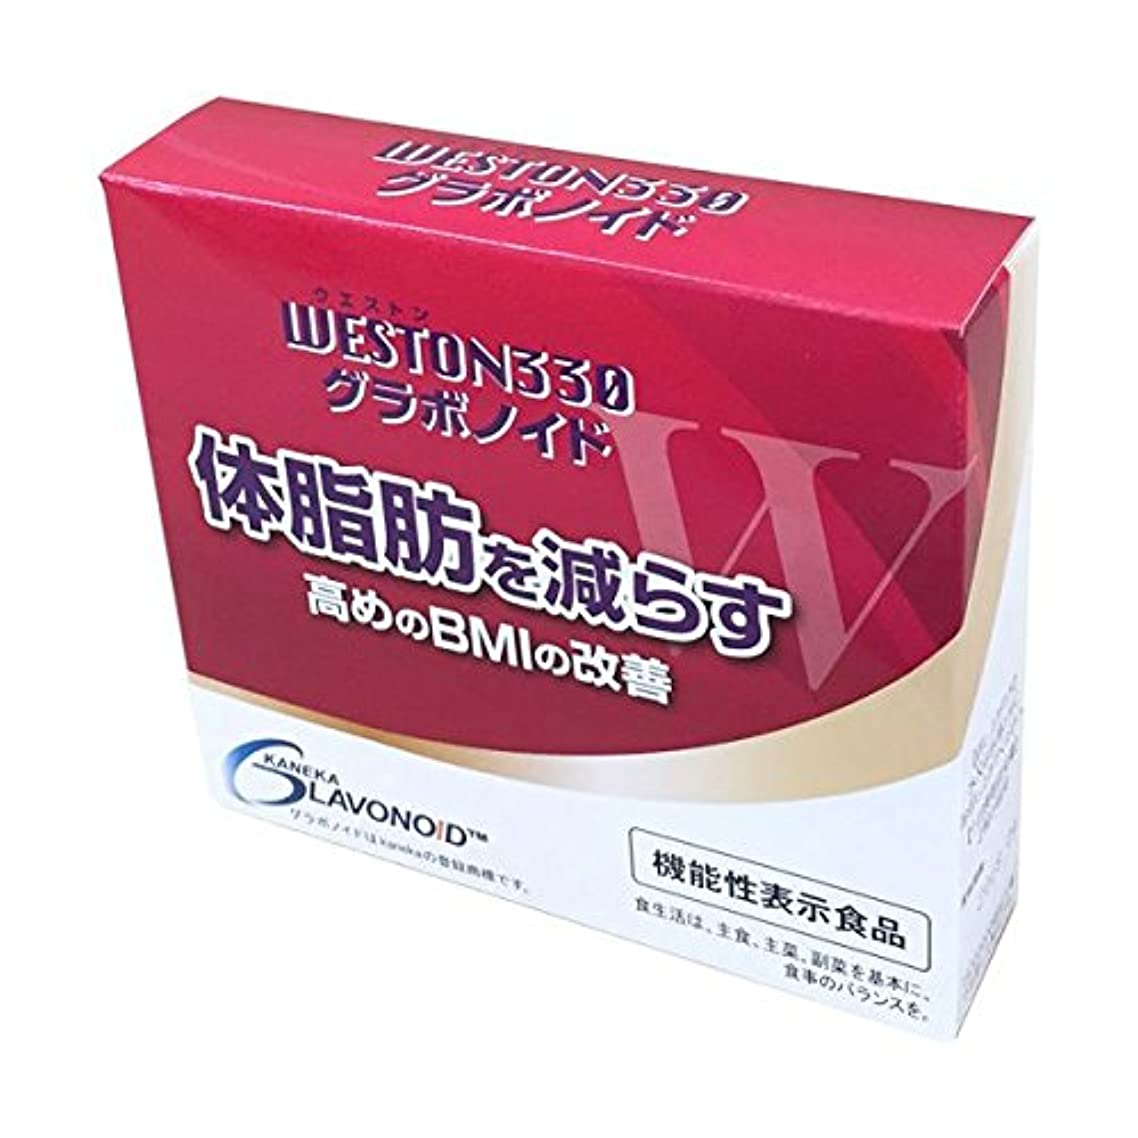 部門内側宙返りリマックスジャパン WESTON330 60粒 (30日分) x2箱 [機能性表示食品]